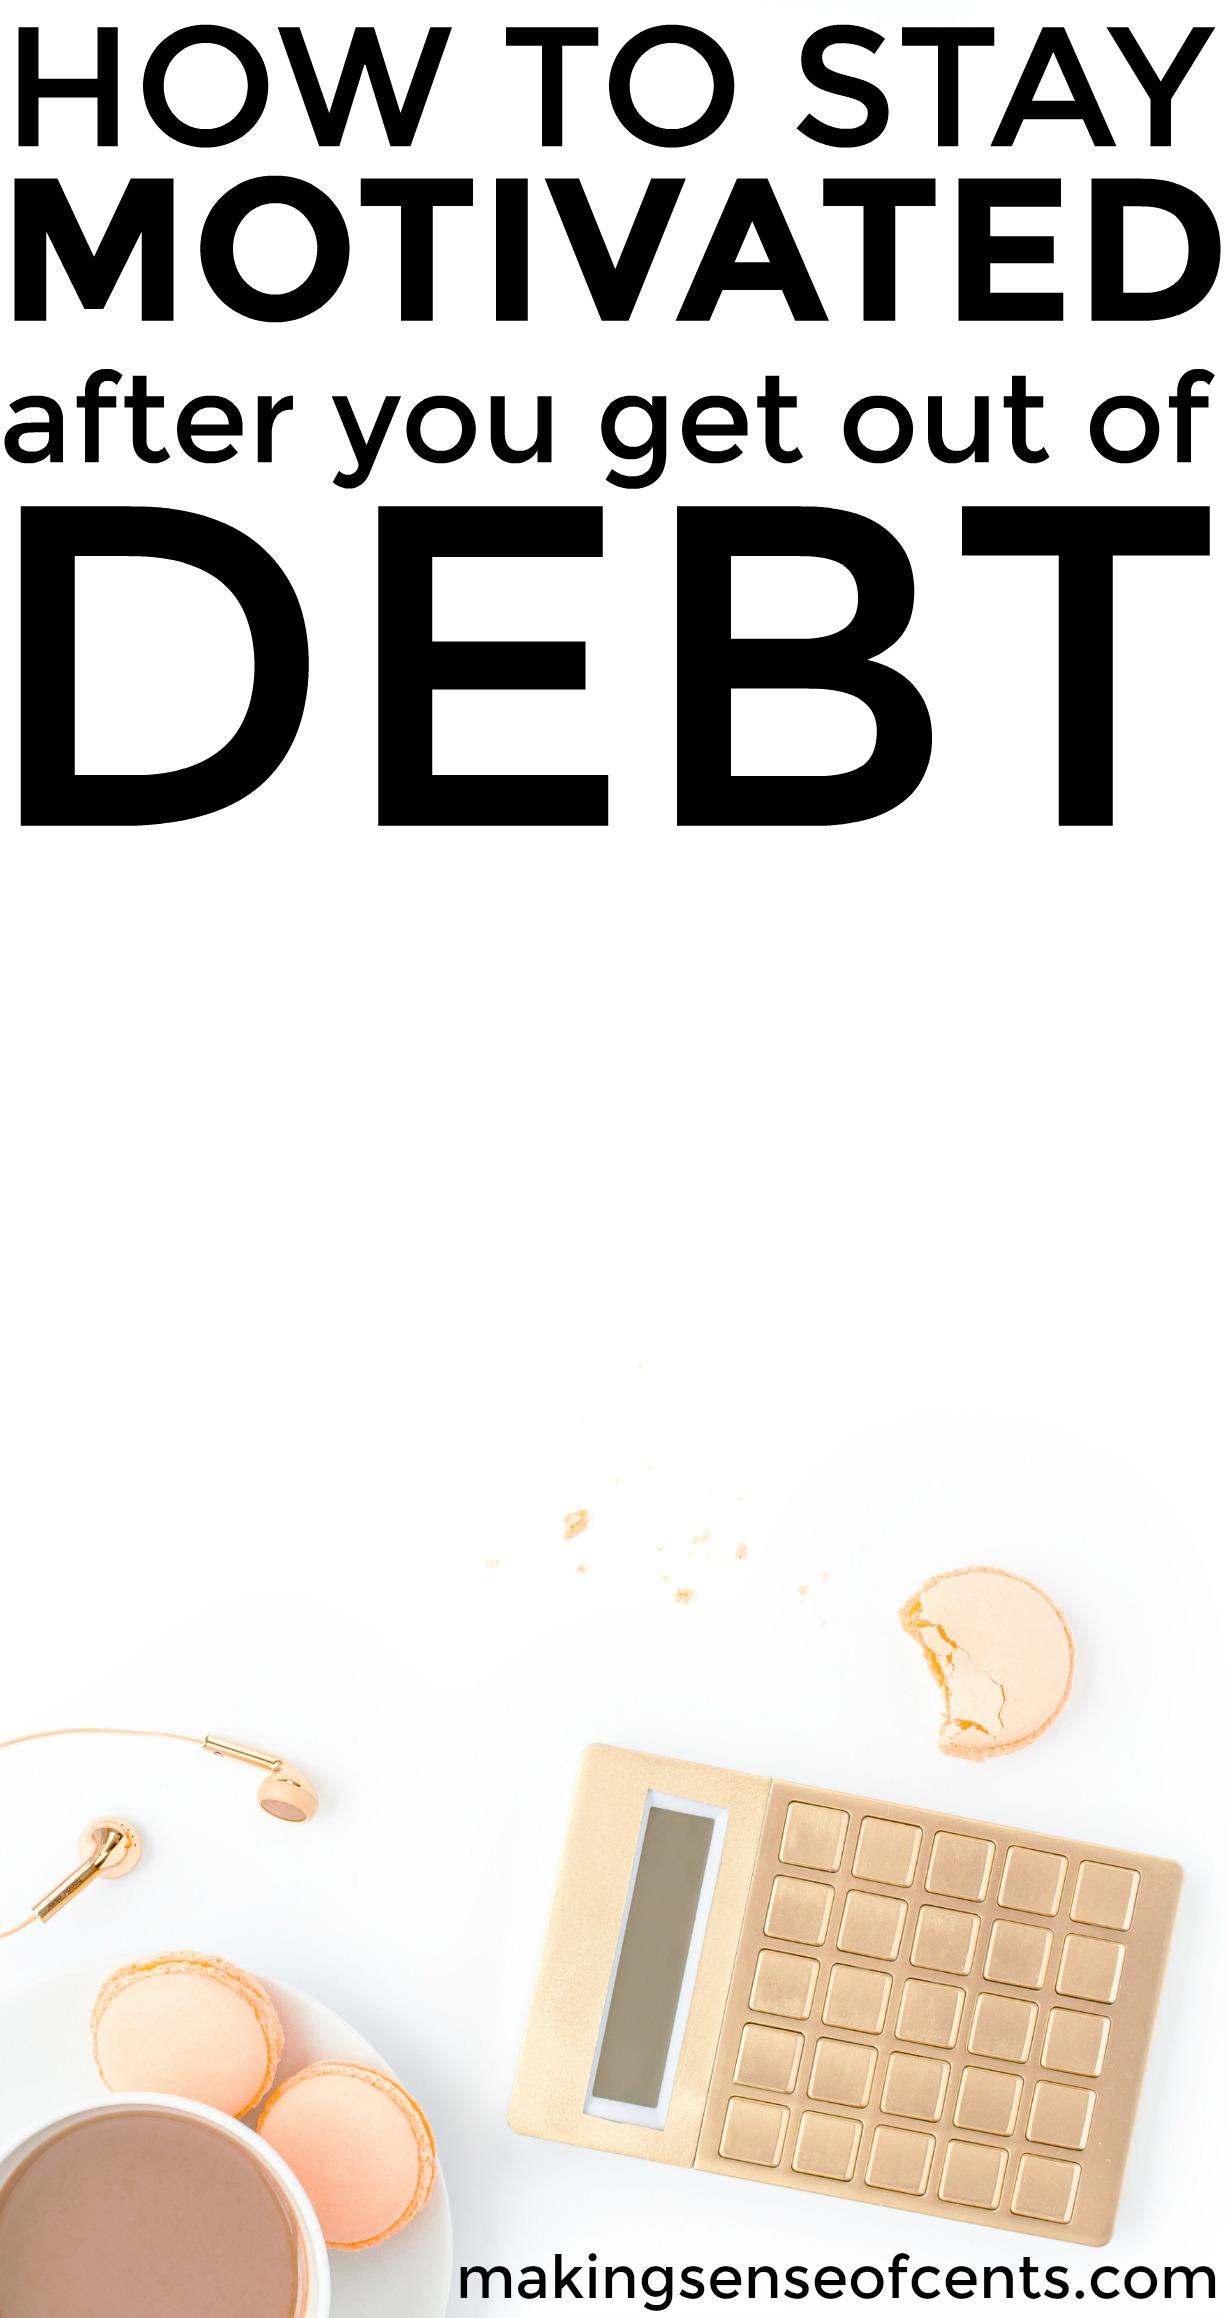 Descubra cómo mantenerse motivado después de salir de la deuda. Esta es una gran lista!